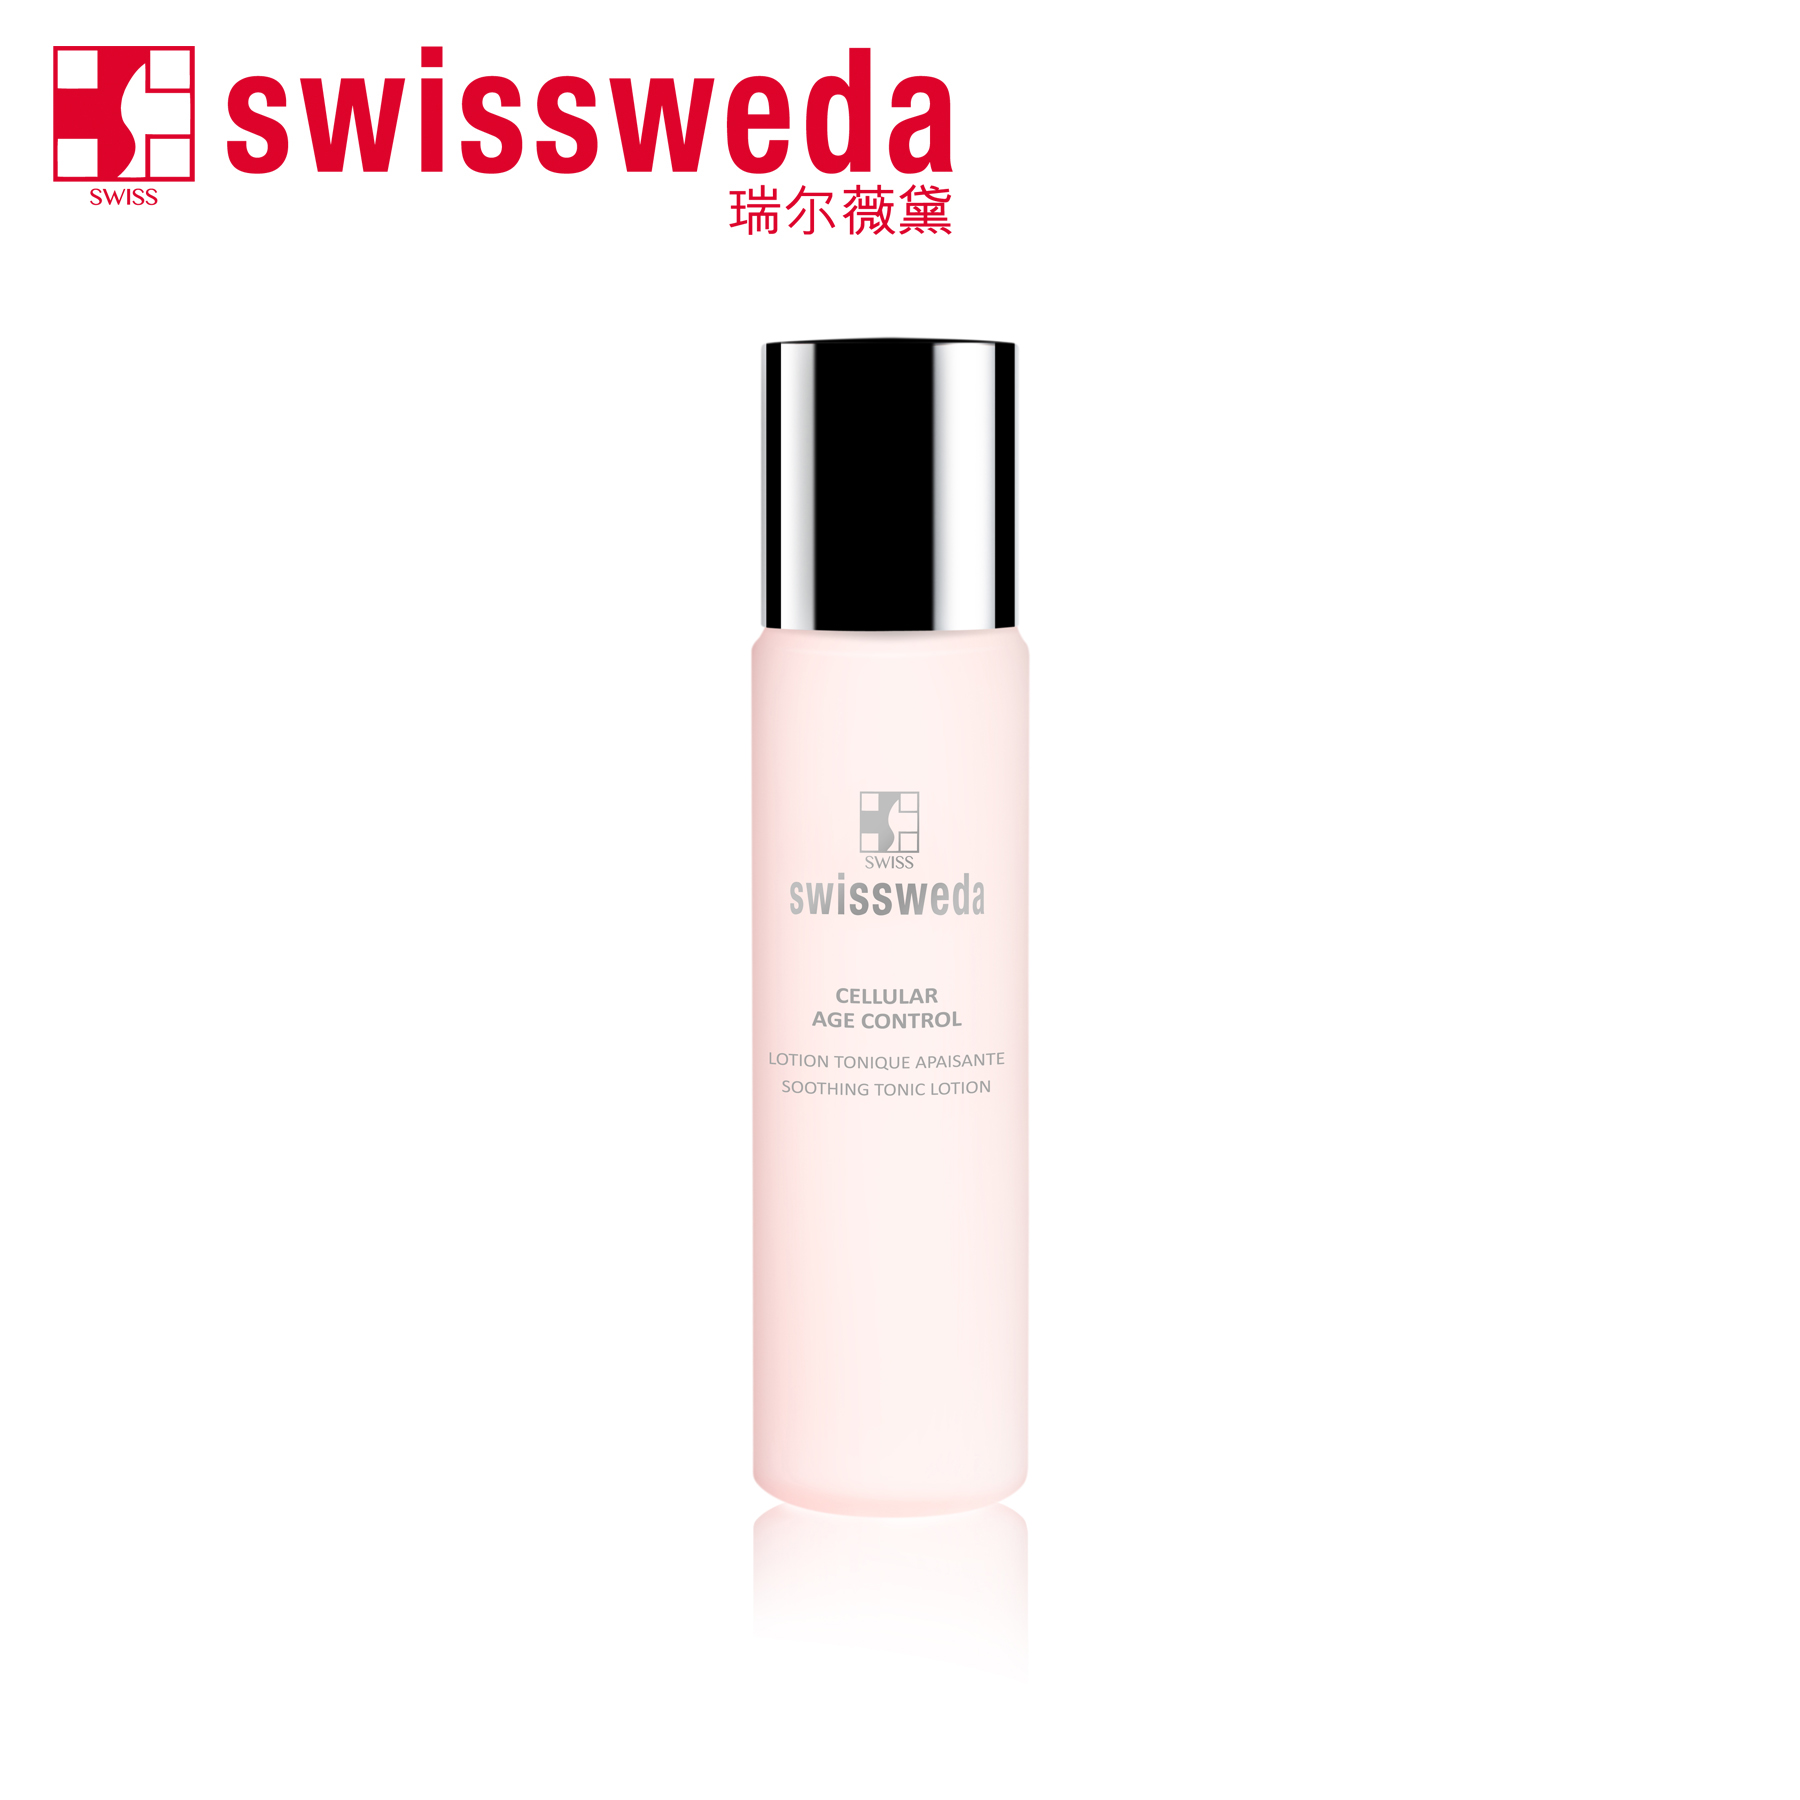 Лосьон/лосьон Weda  Swissweda 200ml